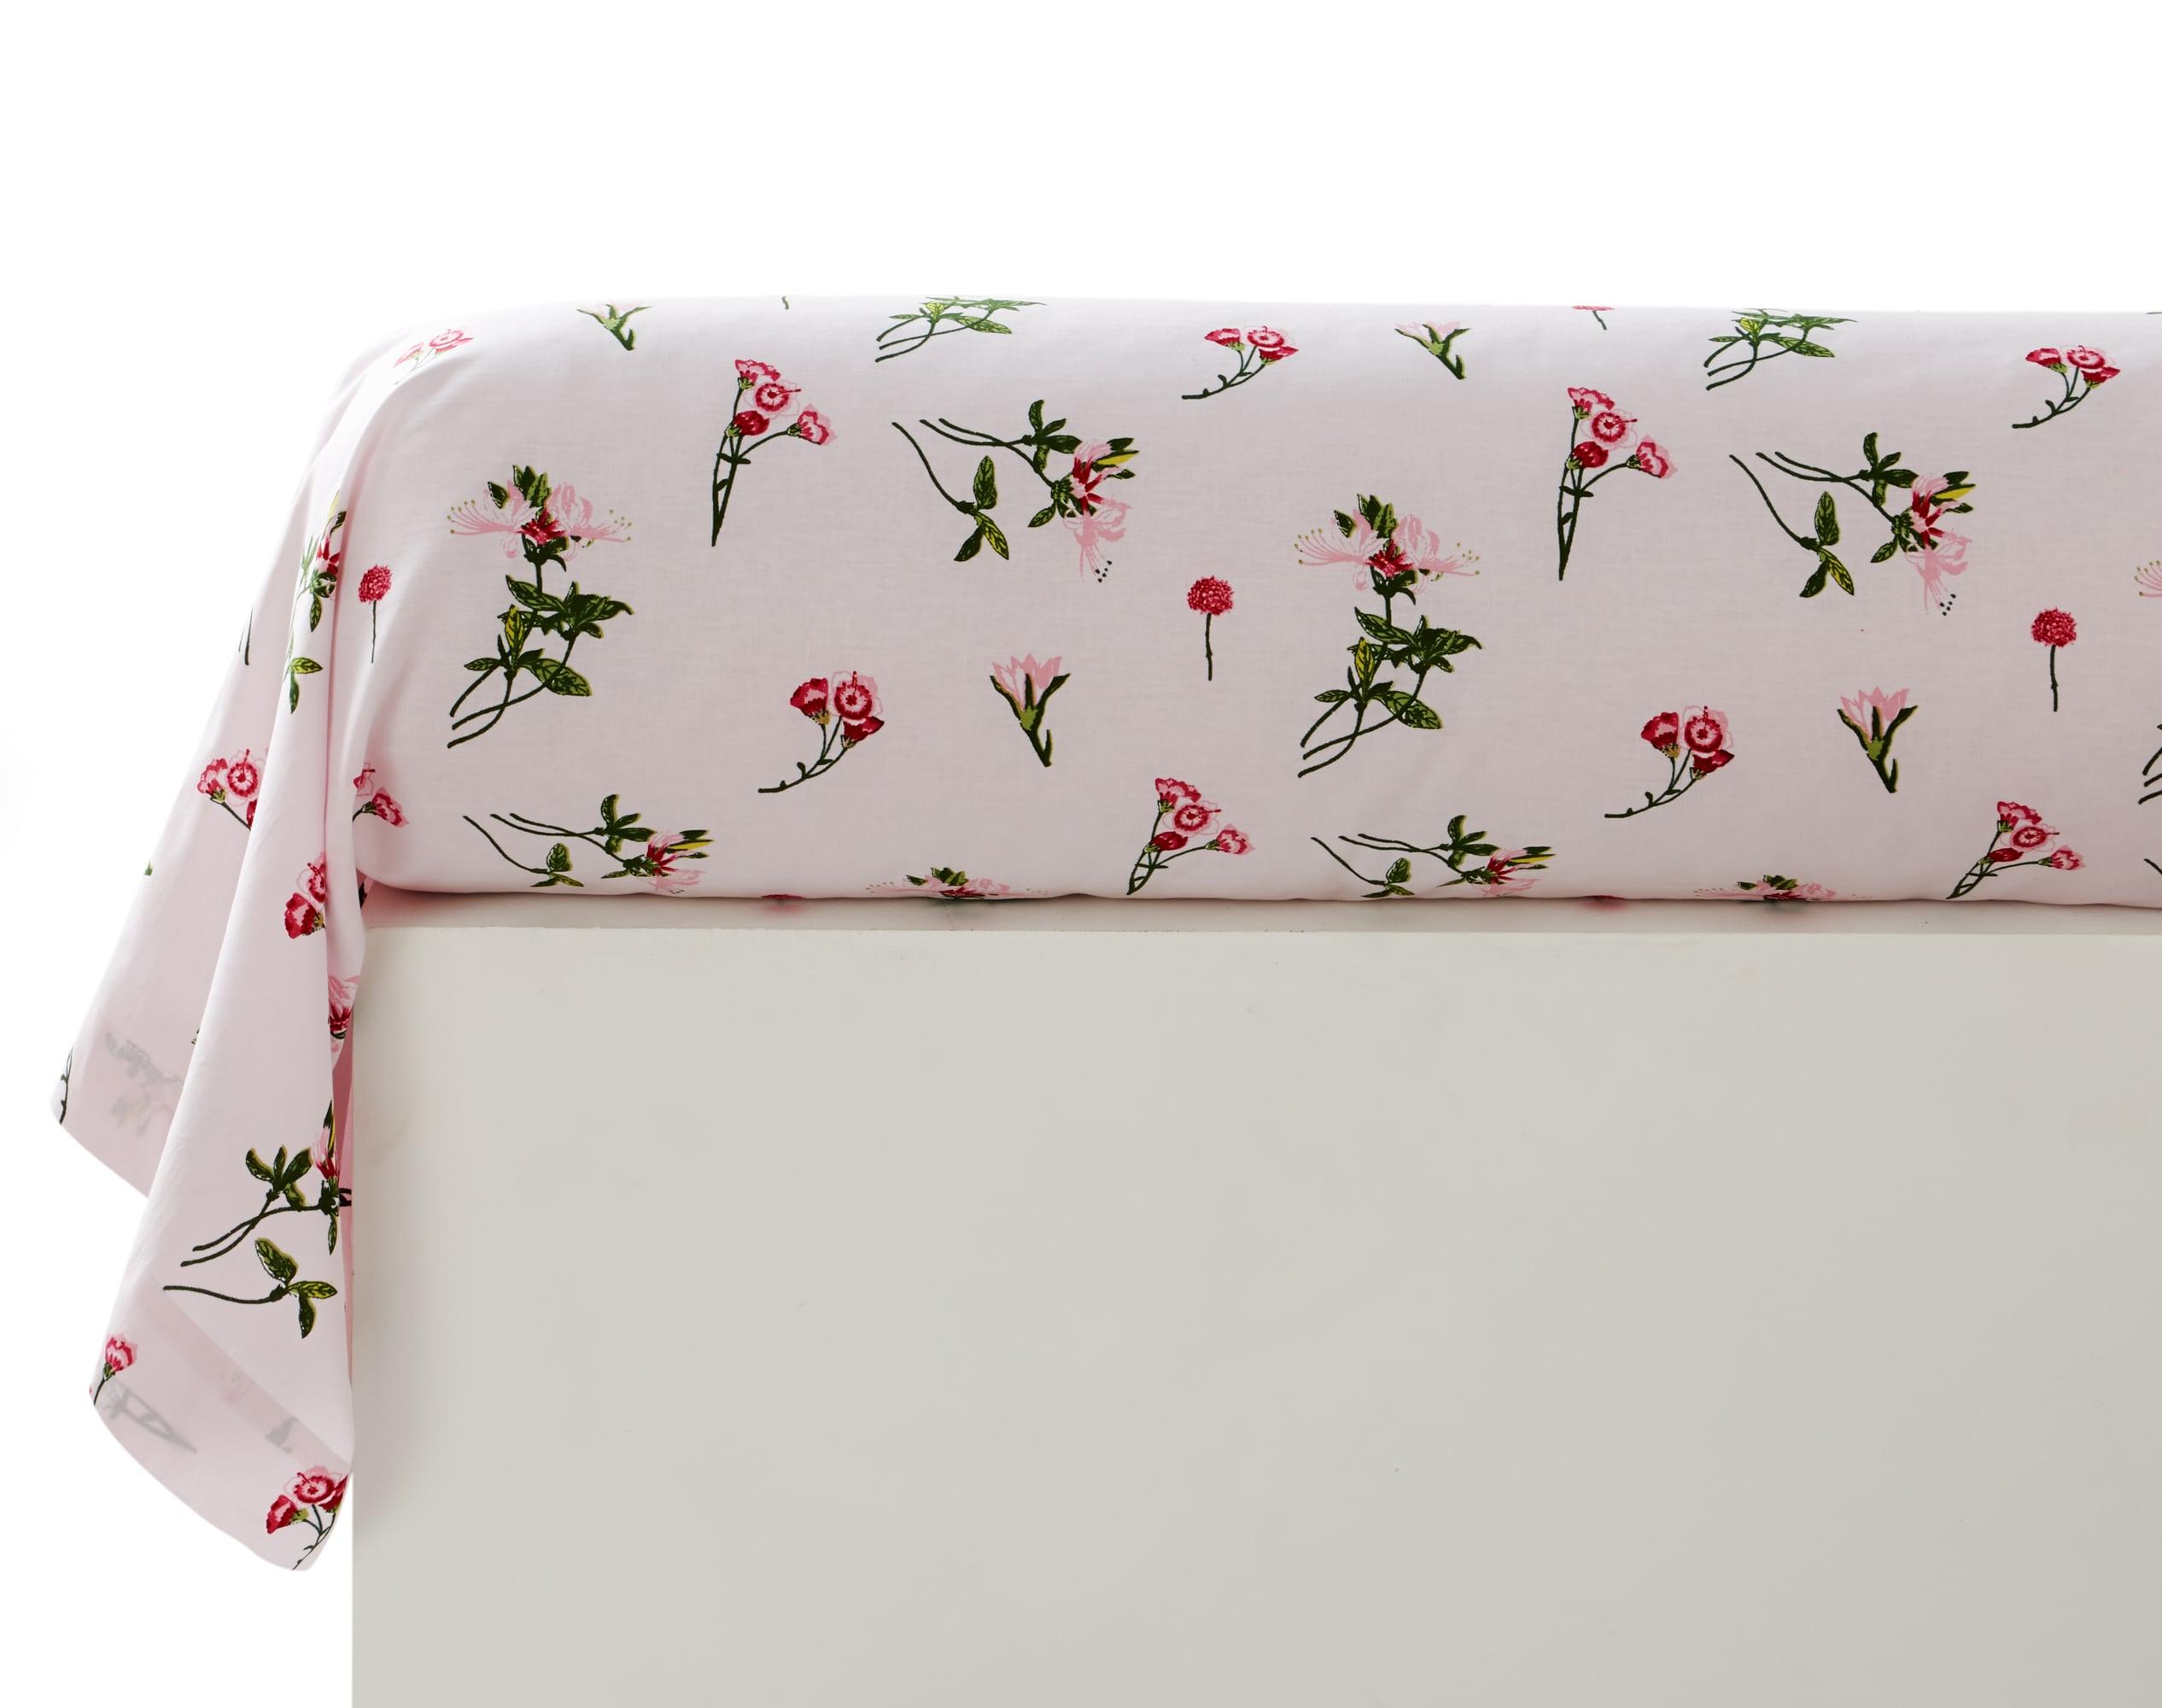 Taie d'oreiller 43x185 blanc en coton